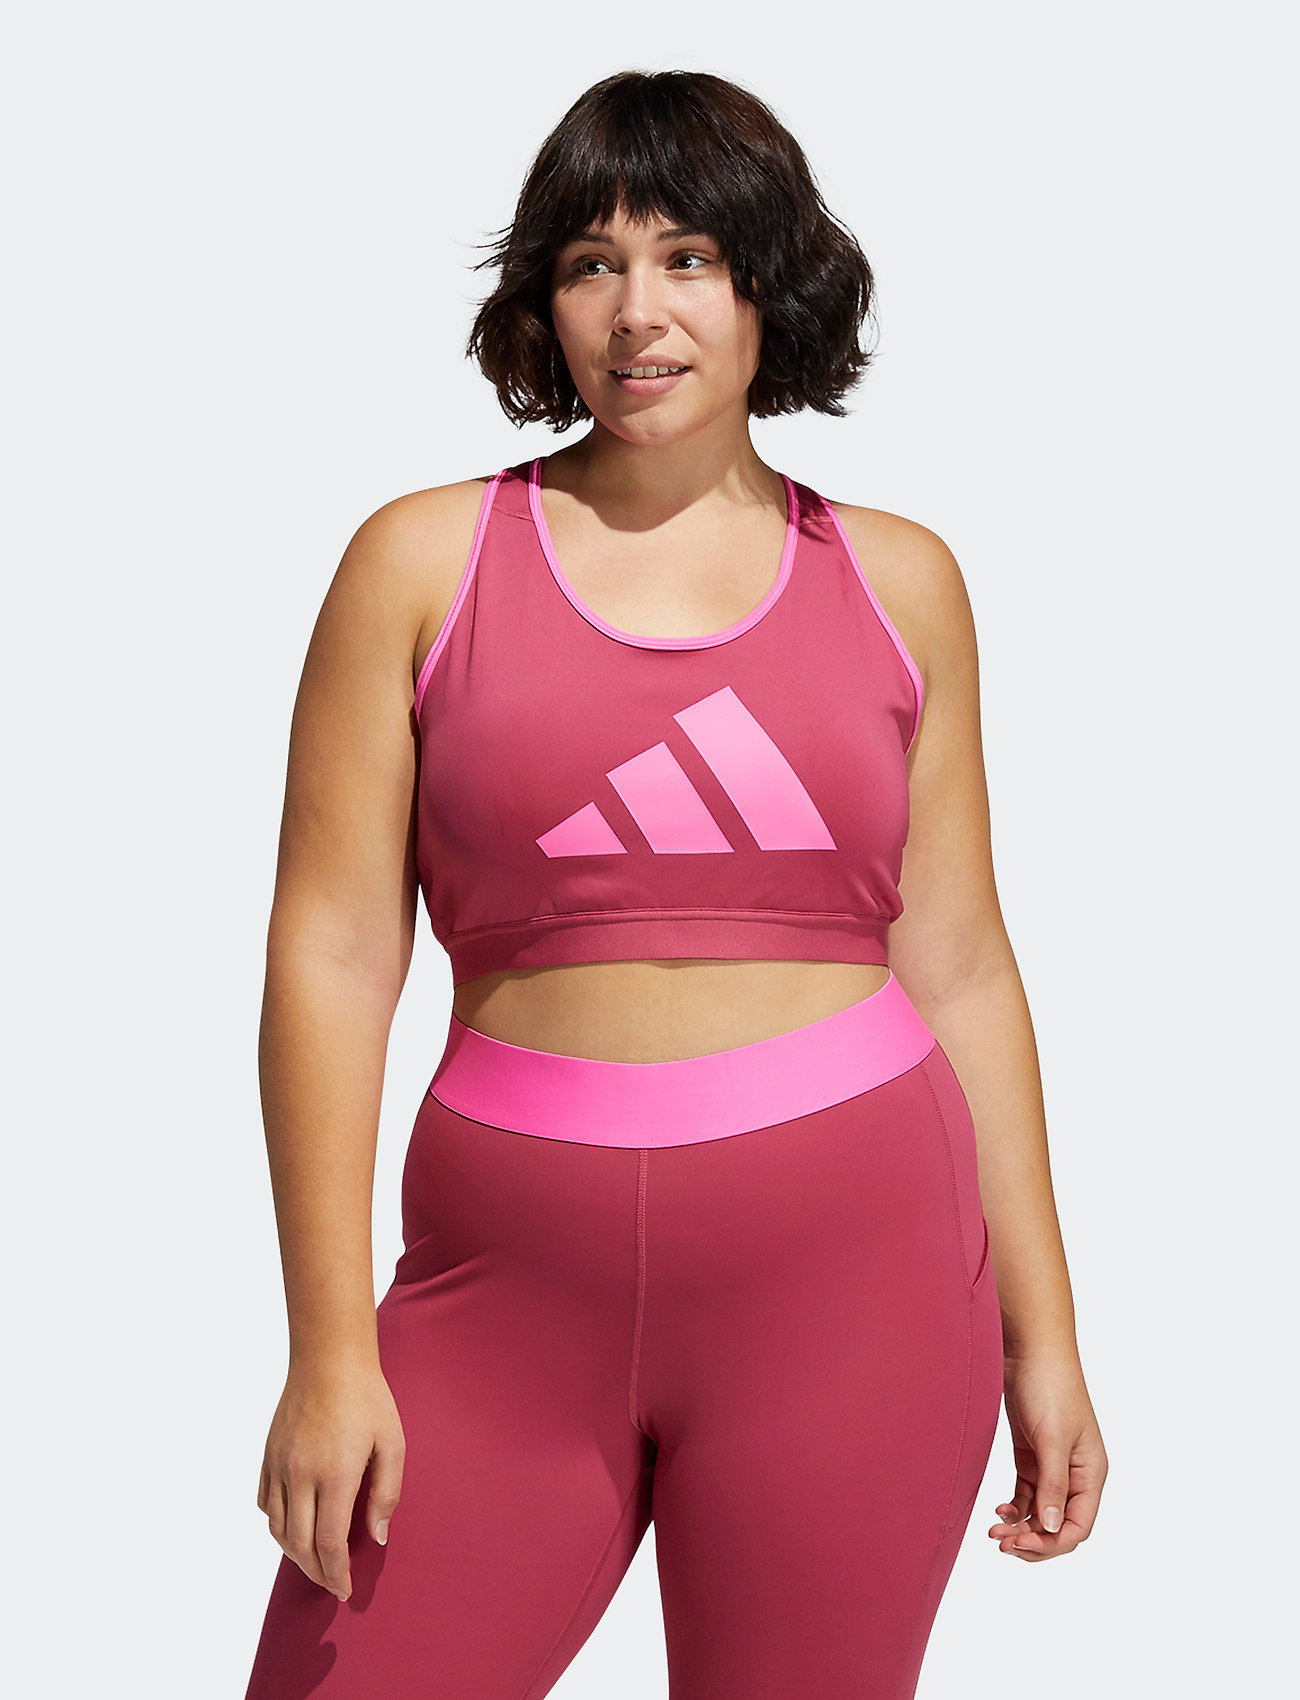 adidas Performance - Don't Rest Bra W (Plus Size) - sport bras: high support - wilpnk/scrpnk - 0